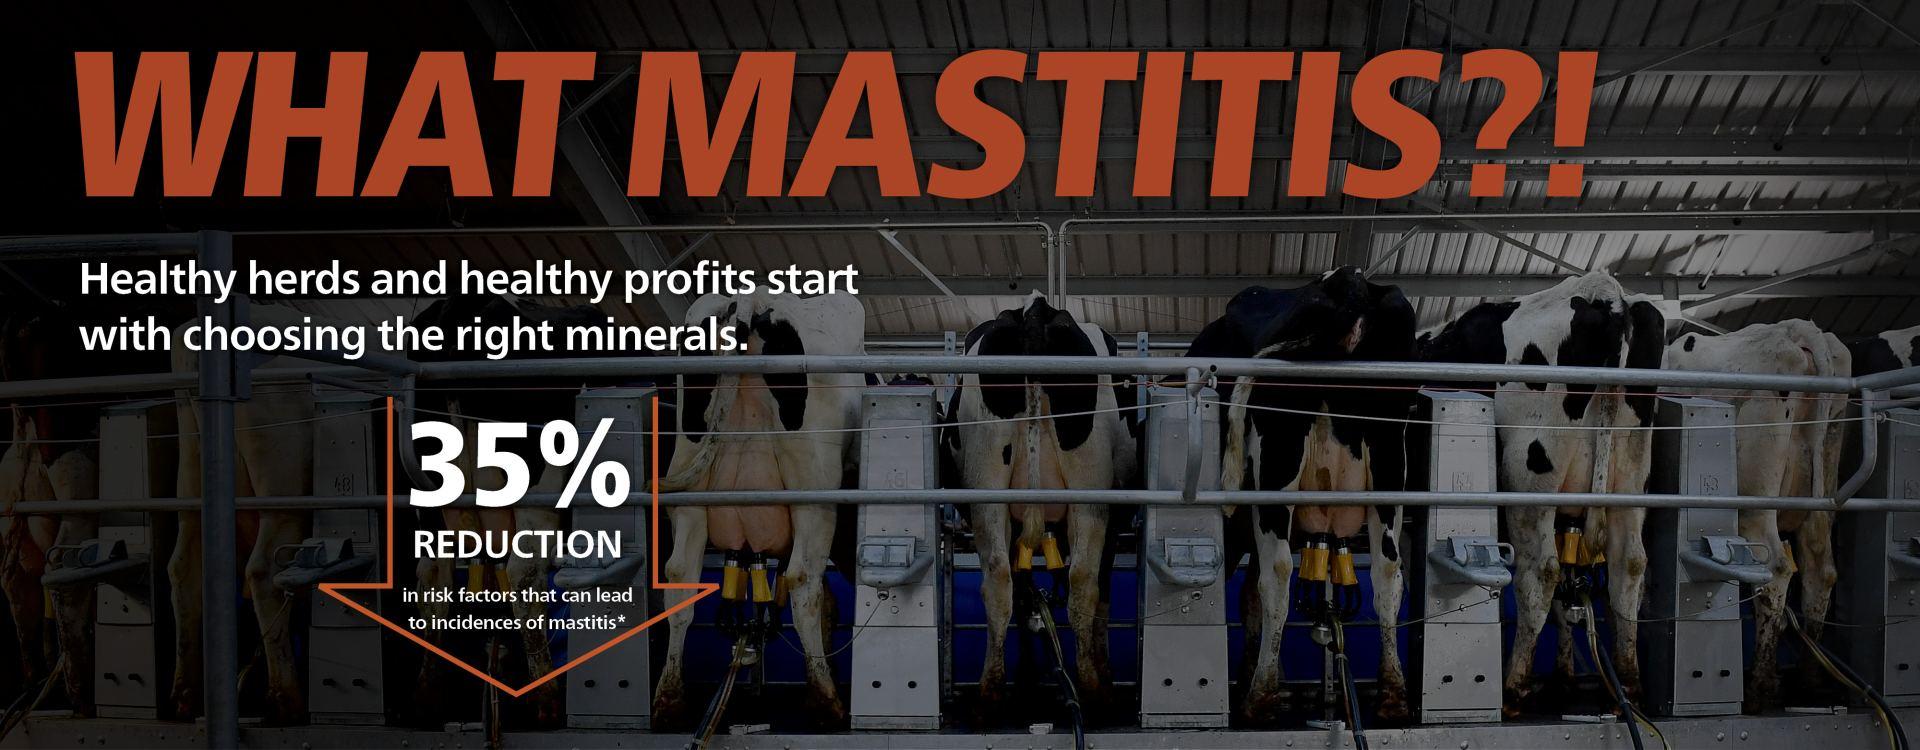 Mastitis campaign